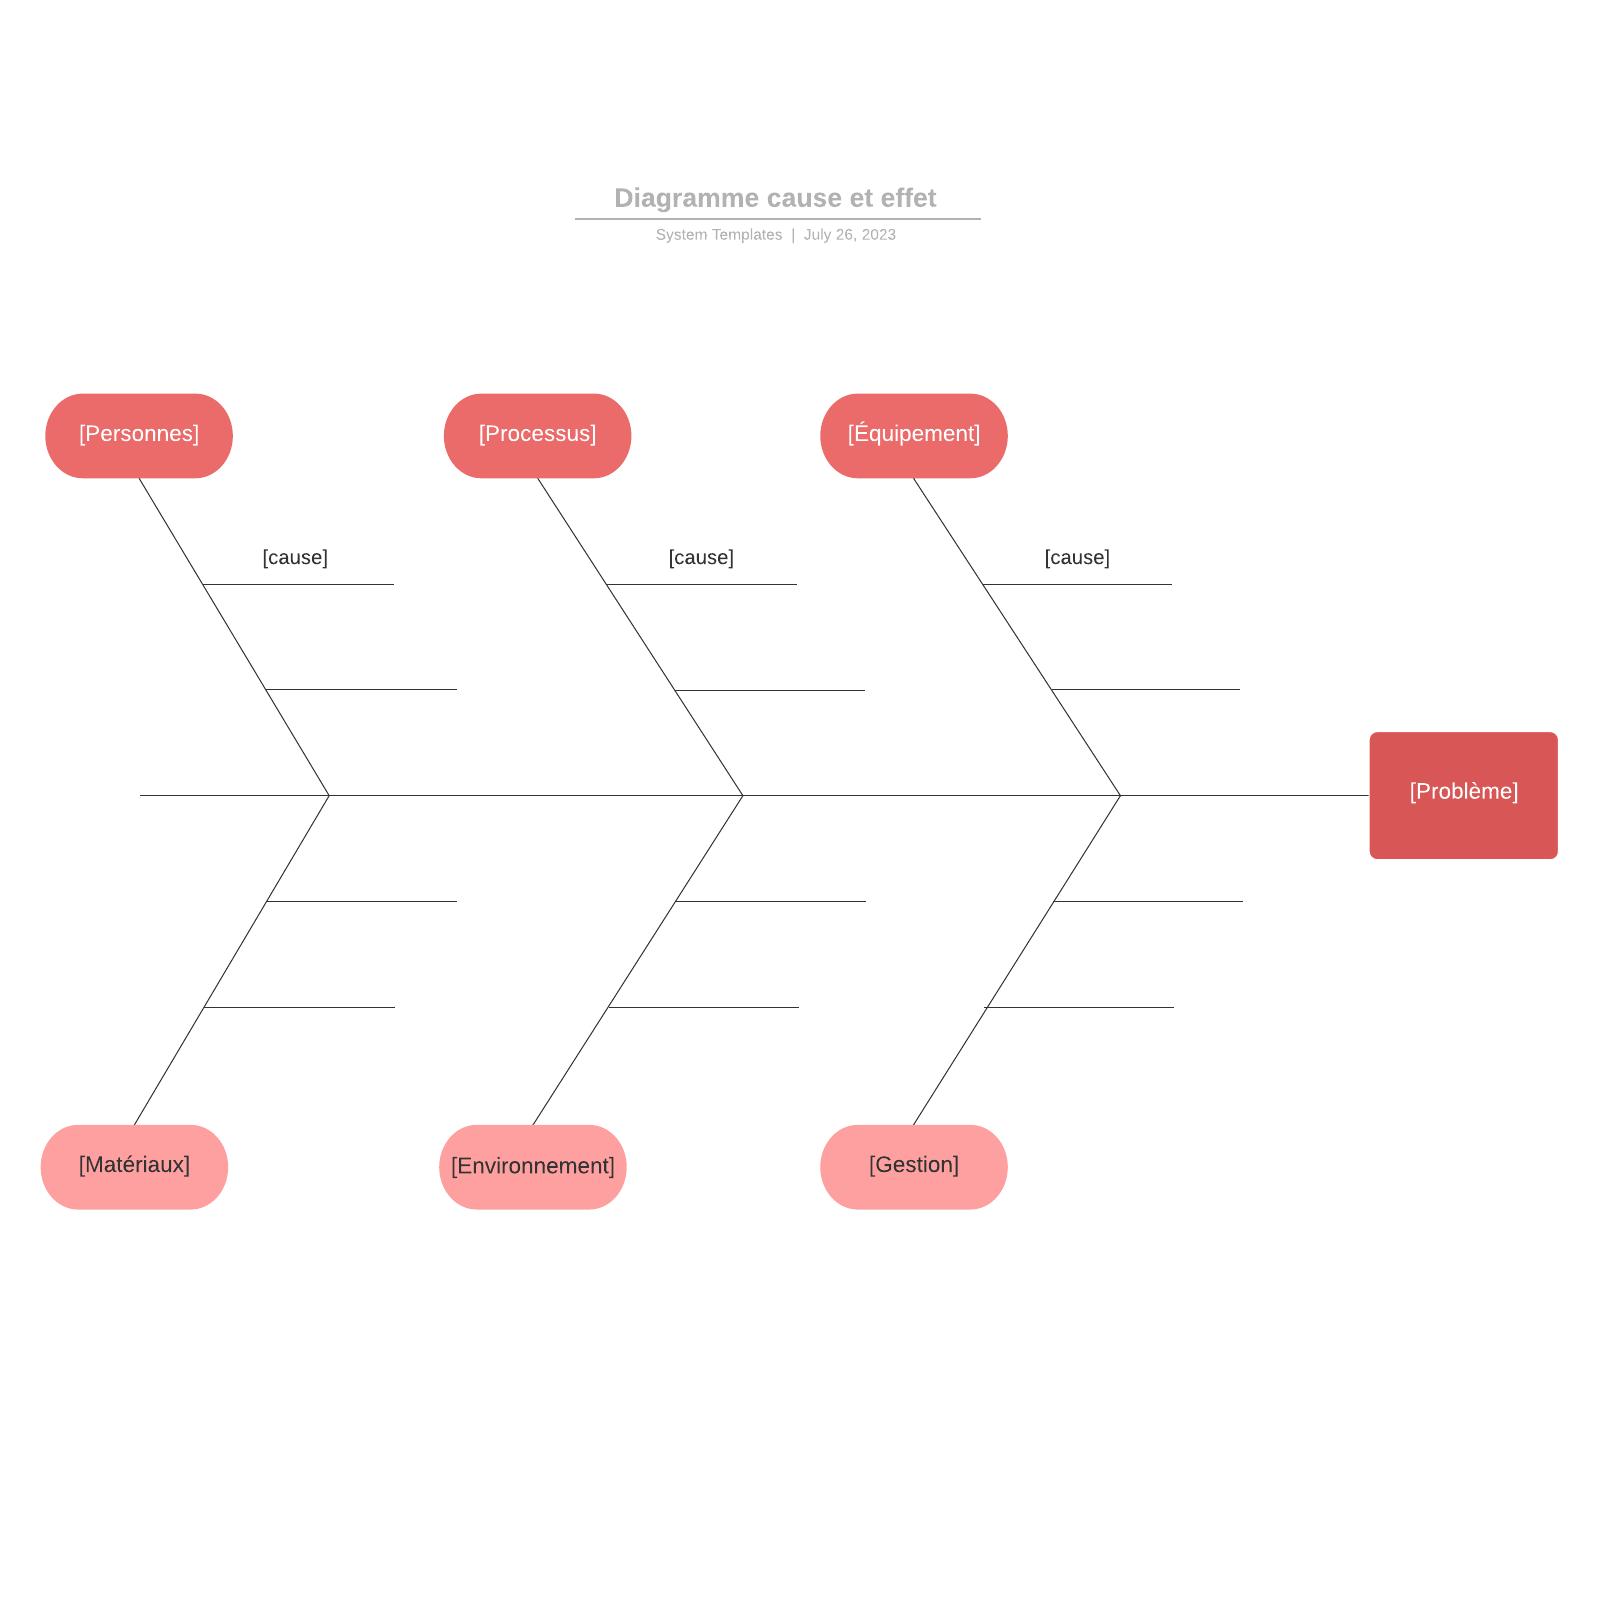 exemple de diagramme de causes et effets vierge